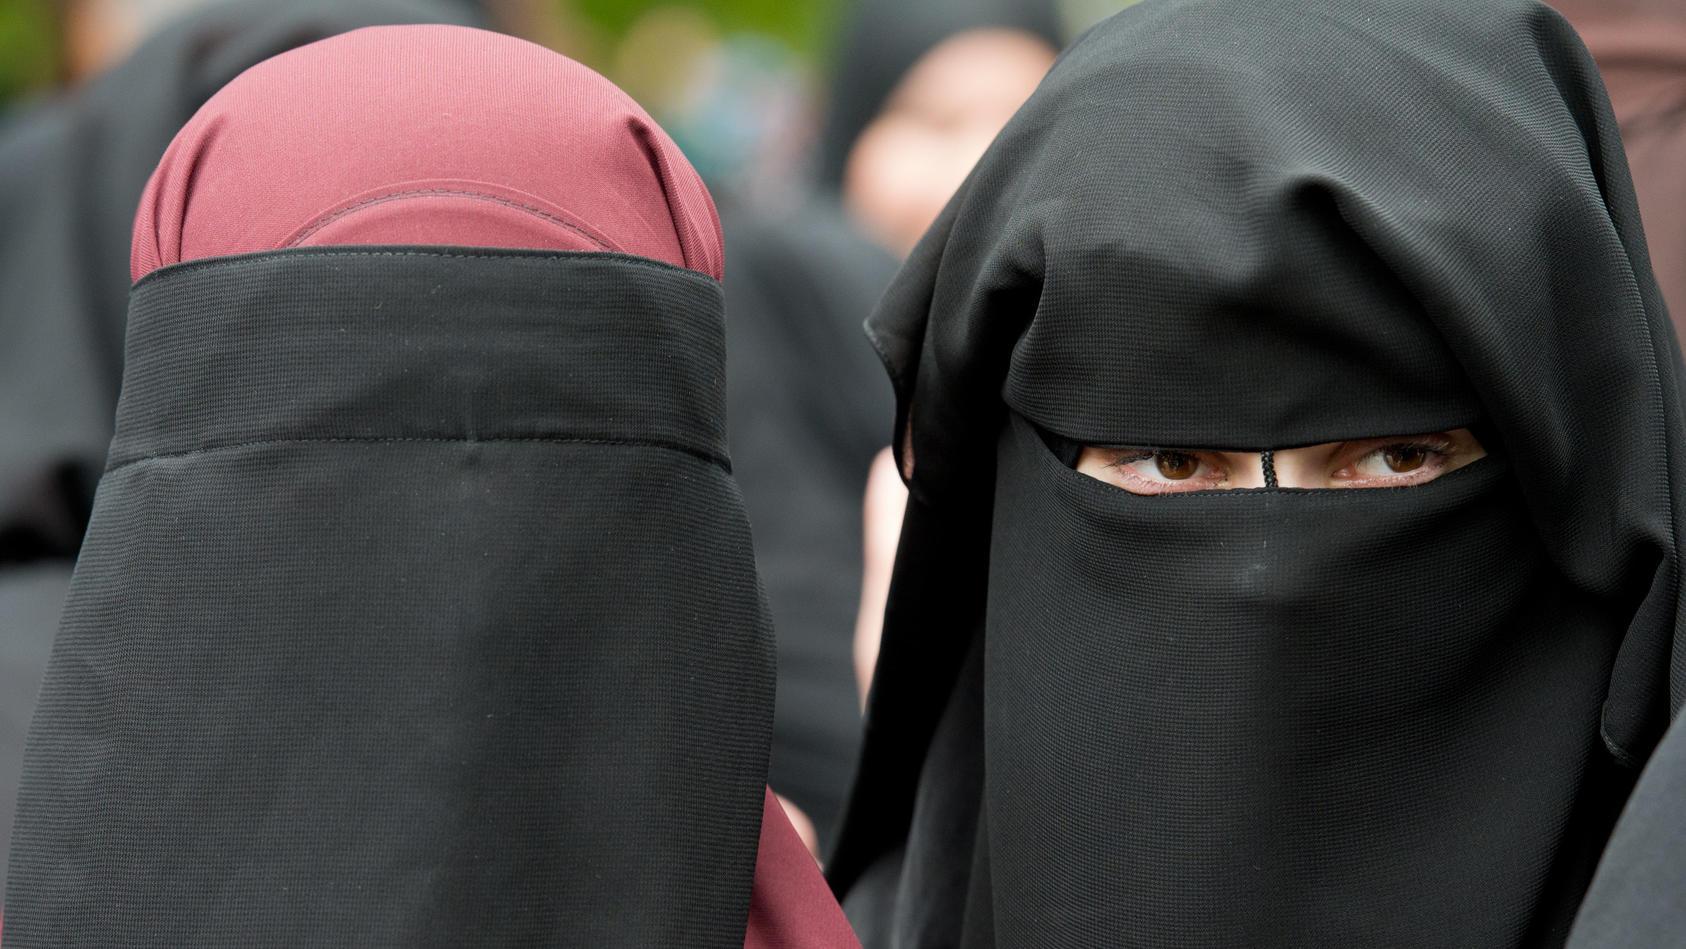 In Dänemark darf man sein Gesicht von August an in der Öffentlichkeit nicht mehr verhüllen. Bilder wie diese gehören dann der Vergangenheit an.